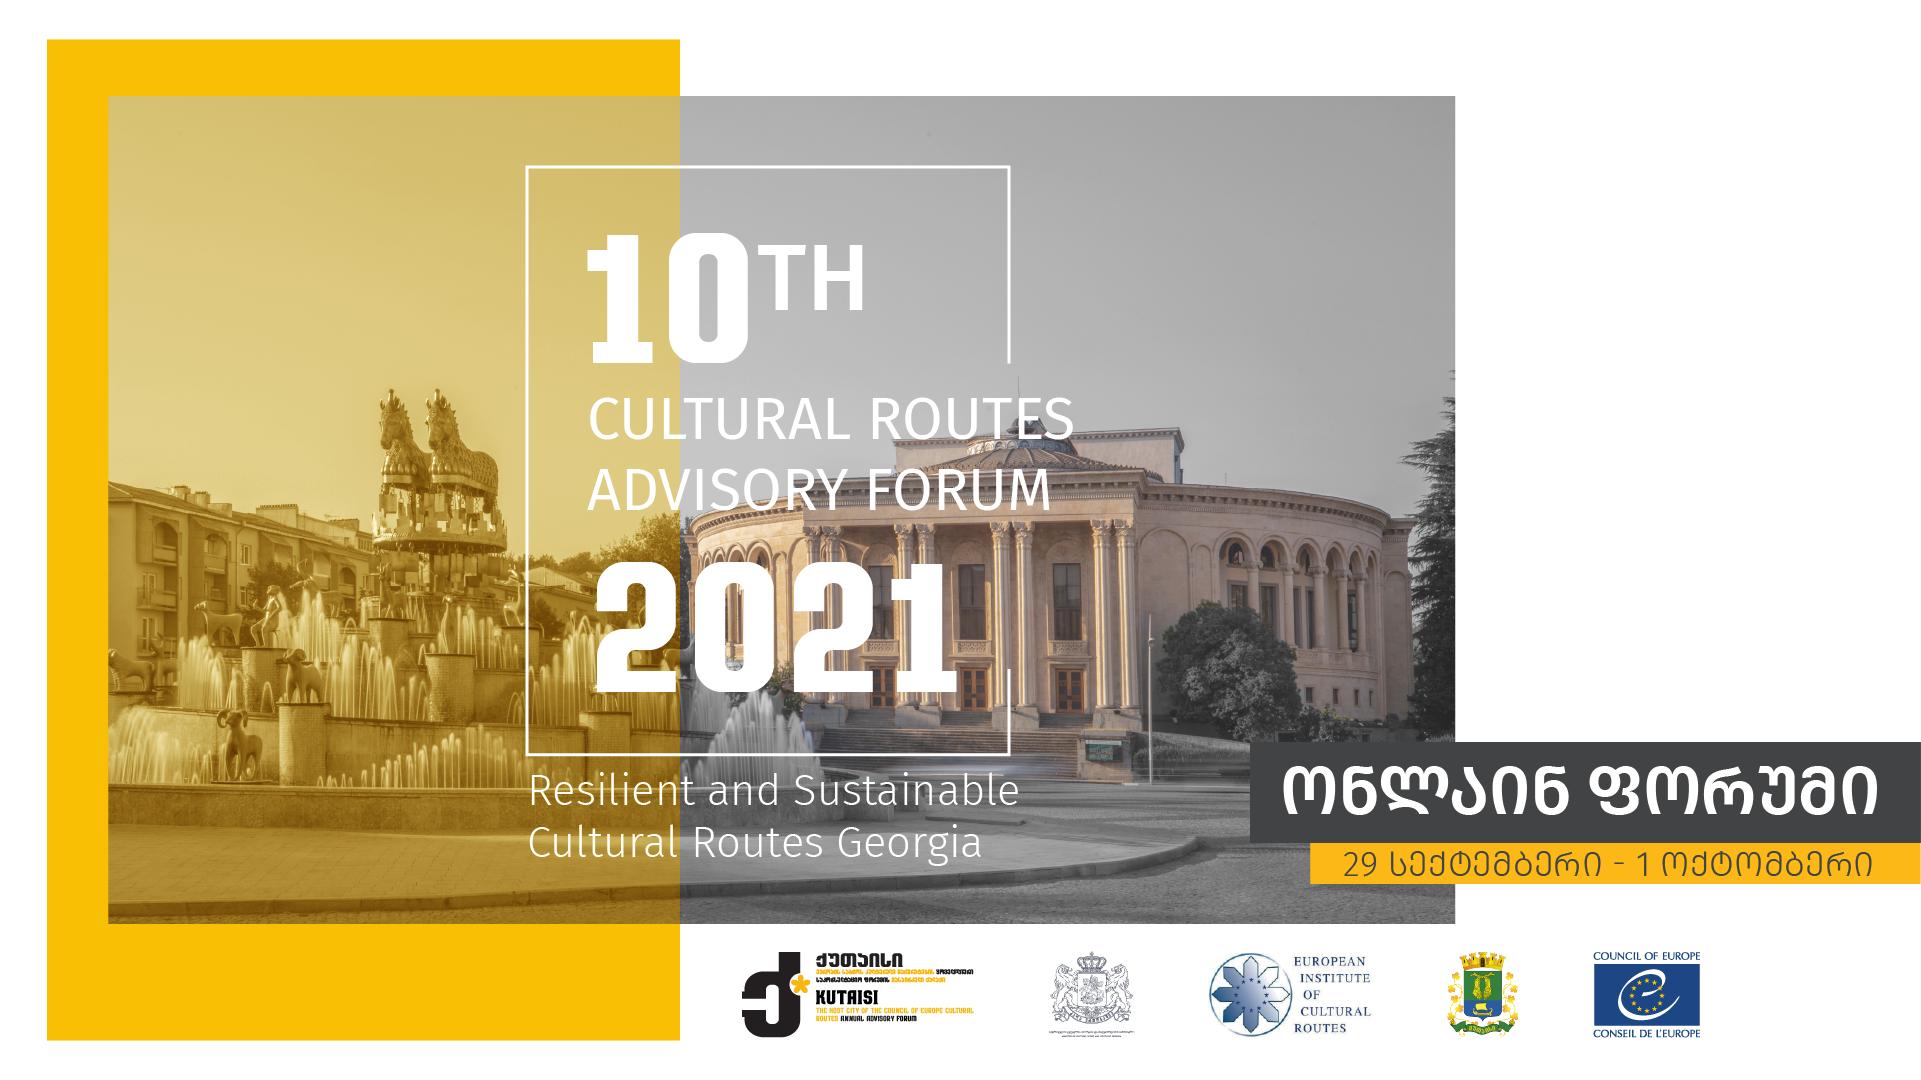 ქუთაისში, დღეს , ევროპის საბჭოს კულტურული მარშრუტების მე-10 ყოველწლიური საკონსულტაციო ფორუმი იწყება